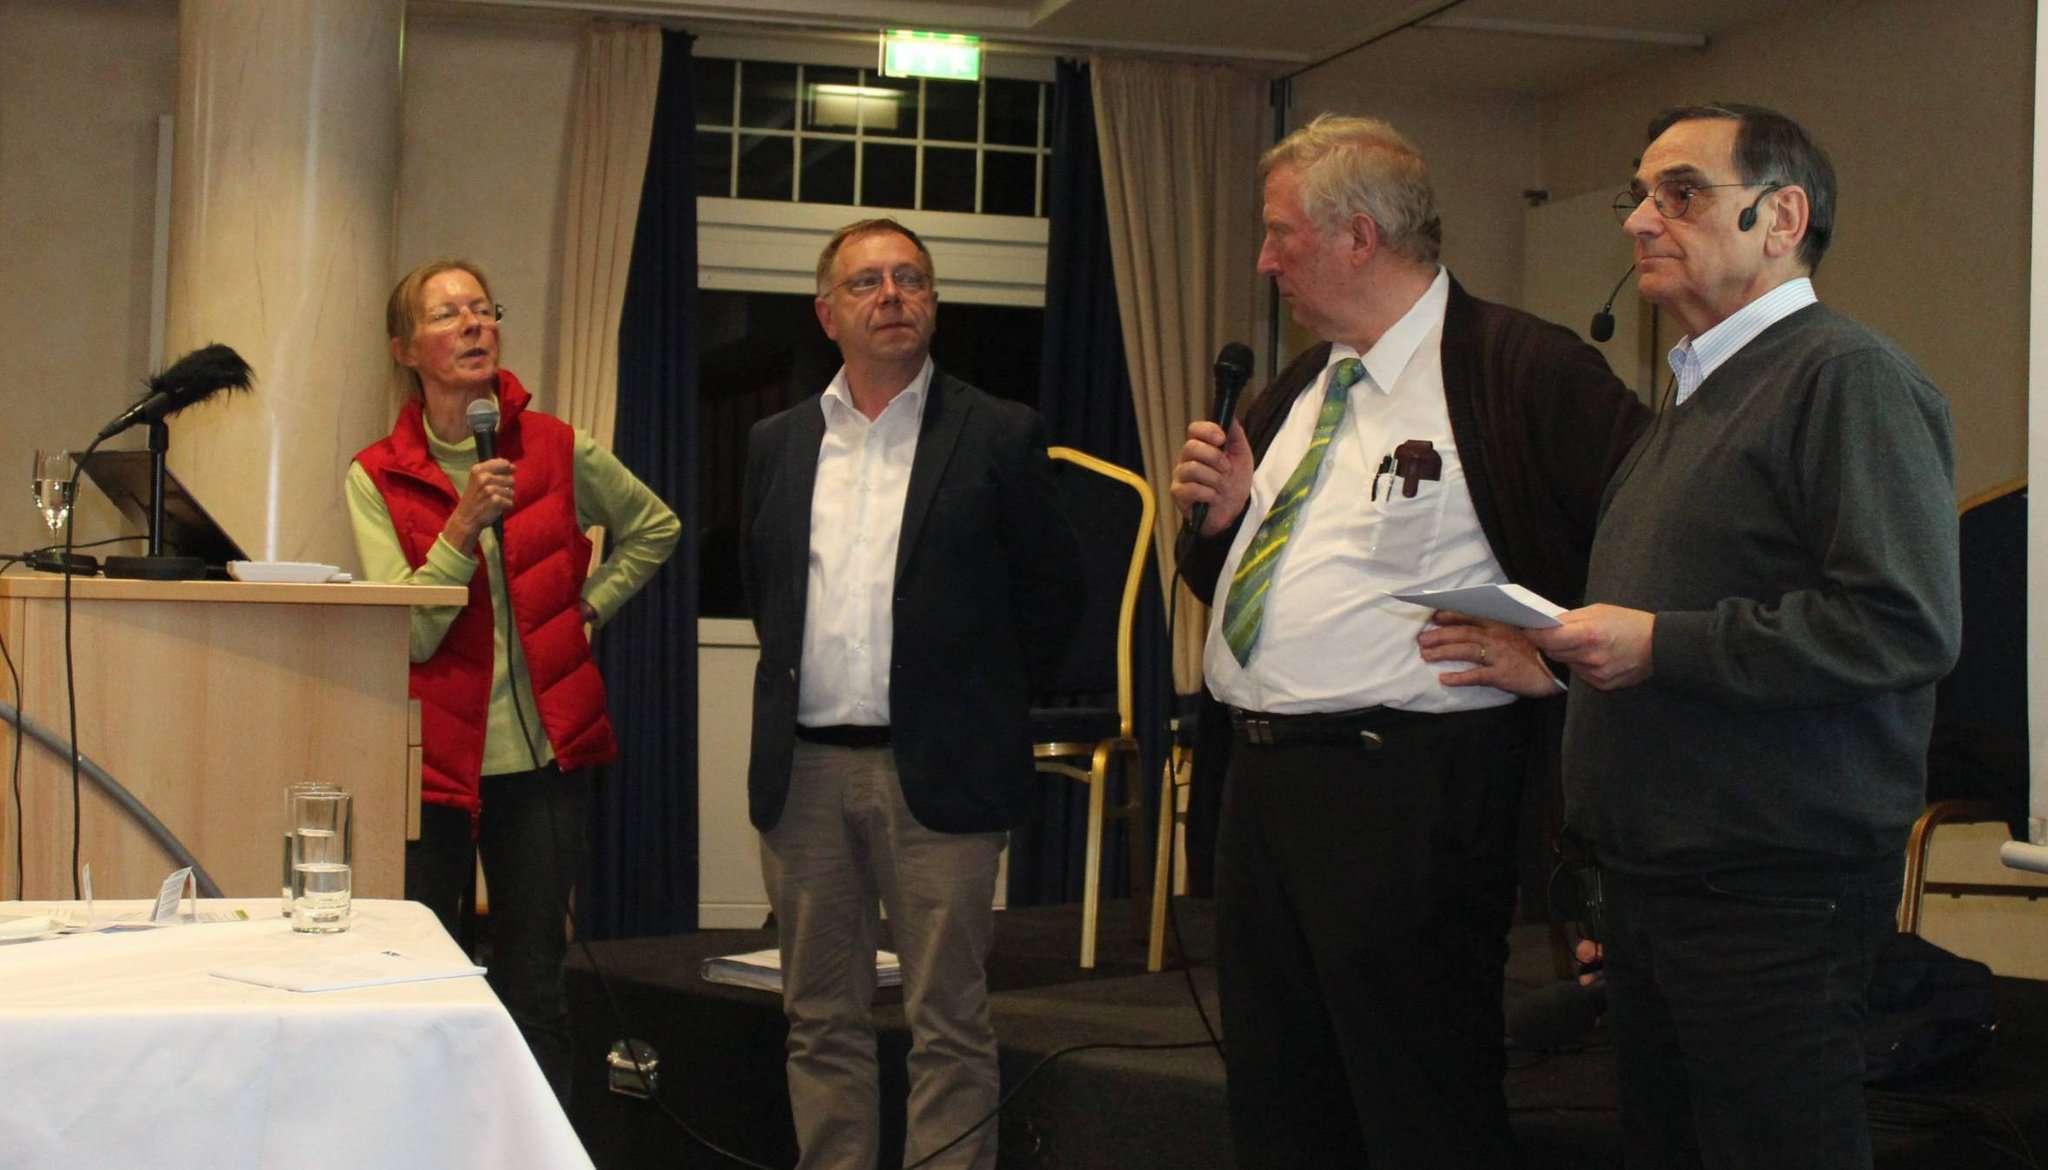 Christiane Looks (von links), Matthias Elsner und Lothar W. Meyer gaben Informationen zum Thema Windkraft. Foto: Ann-Christin Beims